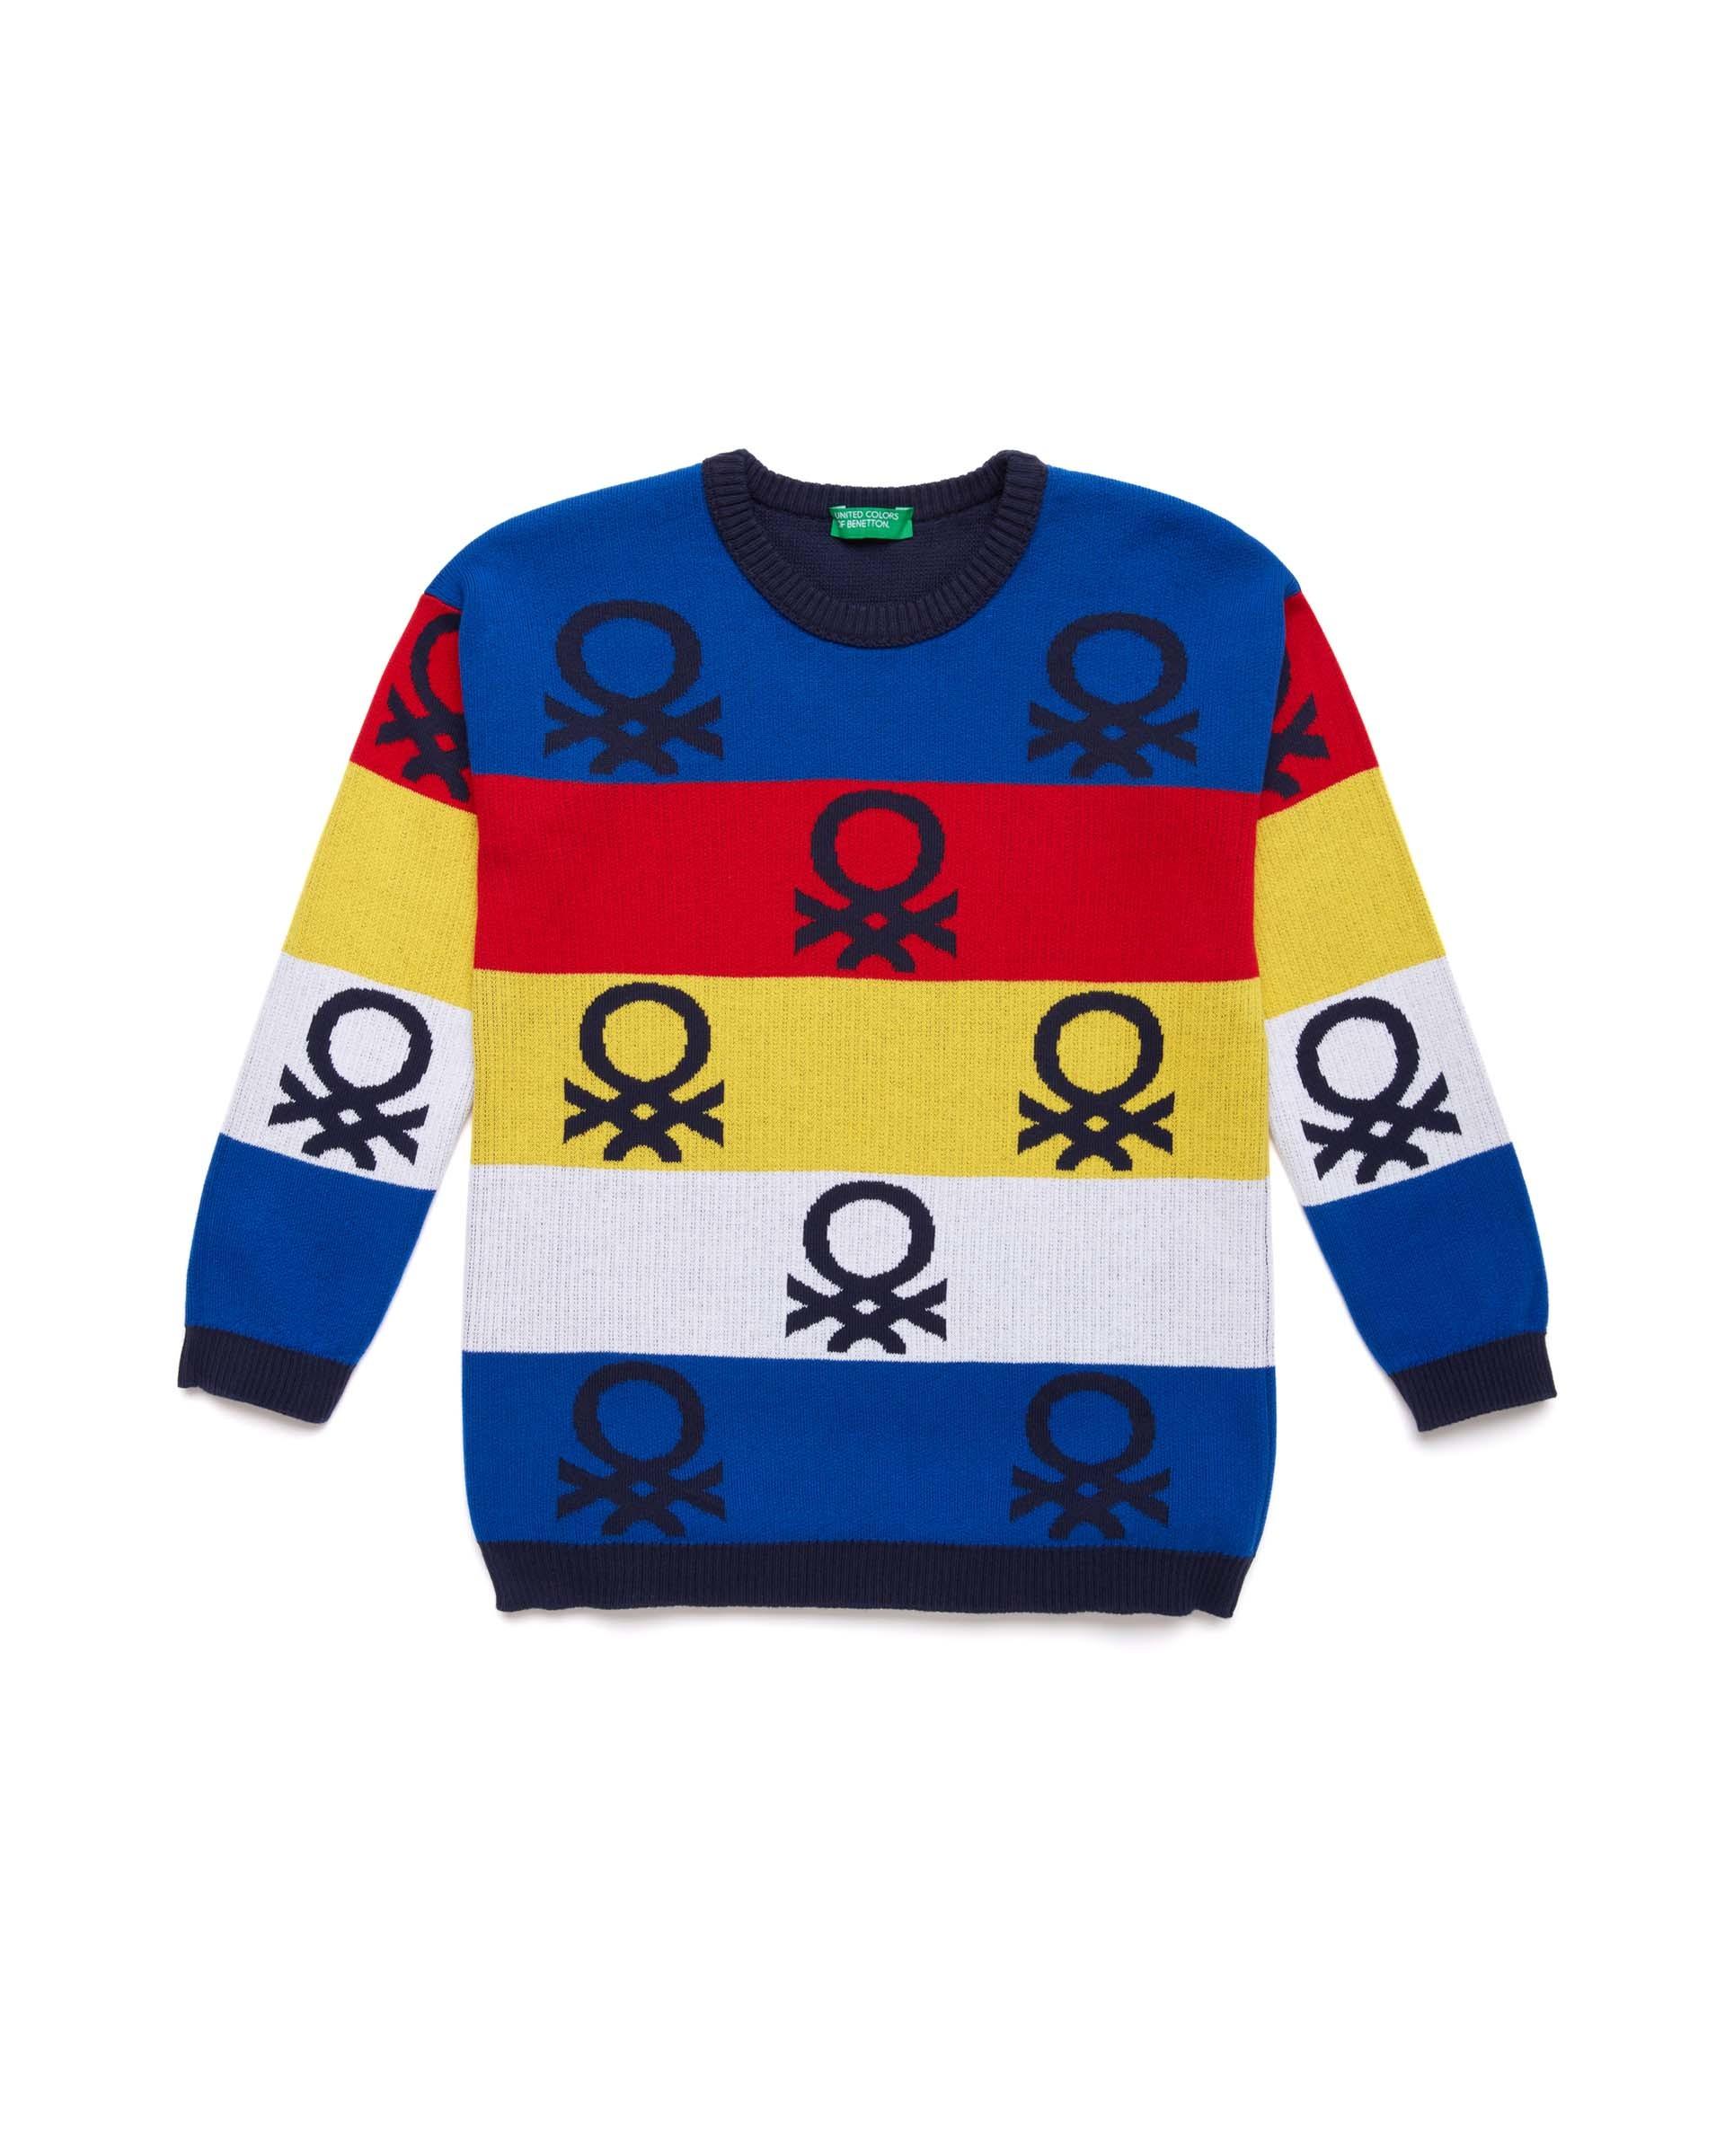 Купить 20P_1094Q1901_901, Джемпер для мальчиков Benetton 1094Q1901_901 р-р 152, United Colors of Benetton, Джемперы для мальчиков